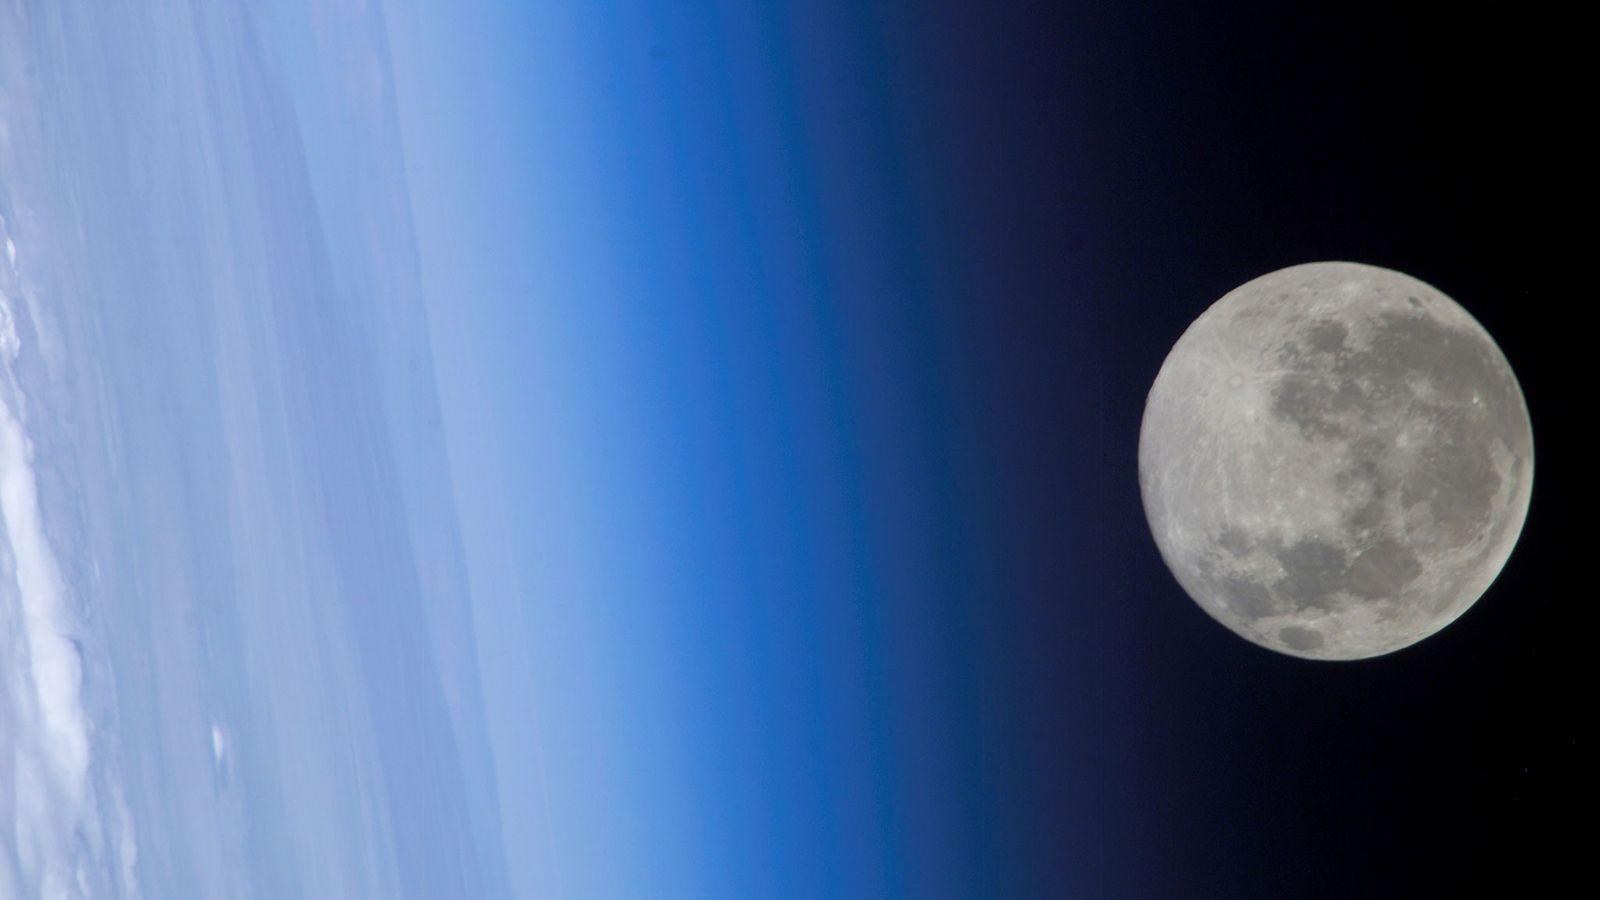 Auf diesem Bild, das von der ISS aufgenommen wurde, scheint der Vollmond die Erdatmosphäre zu streifen.